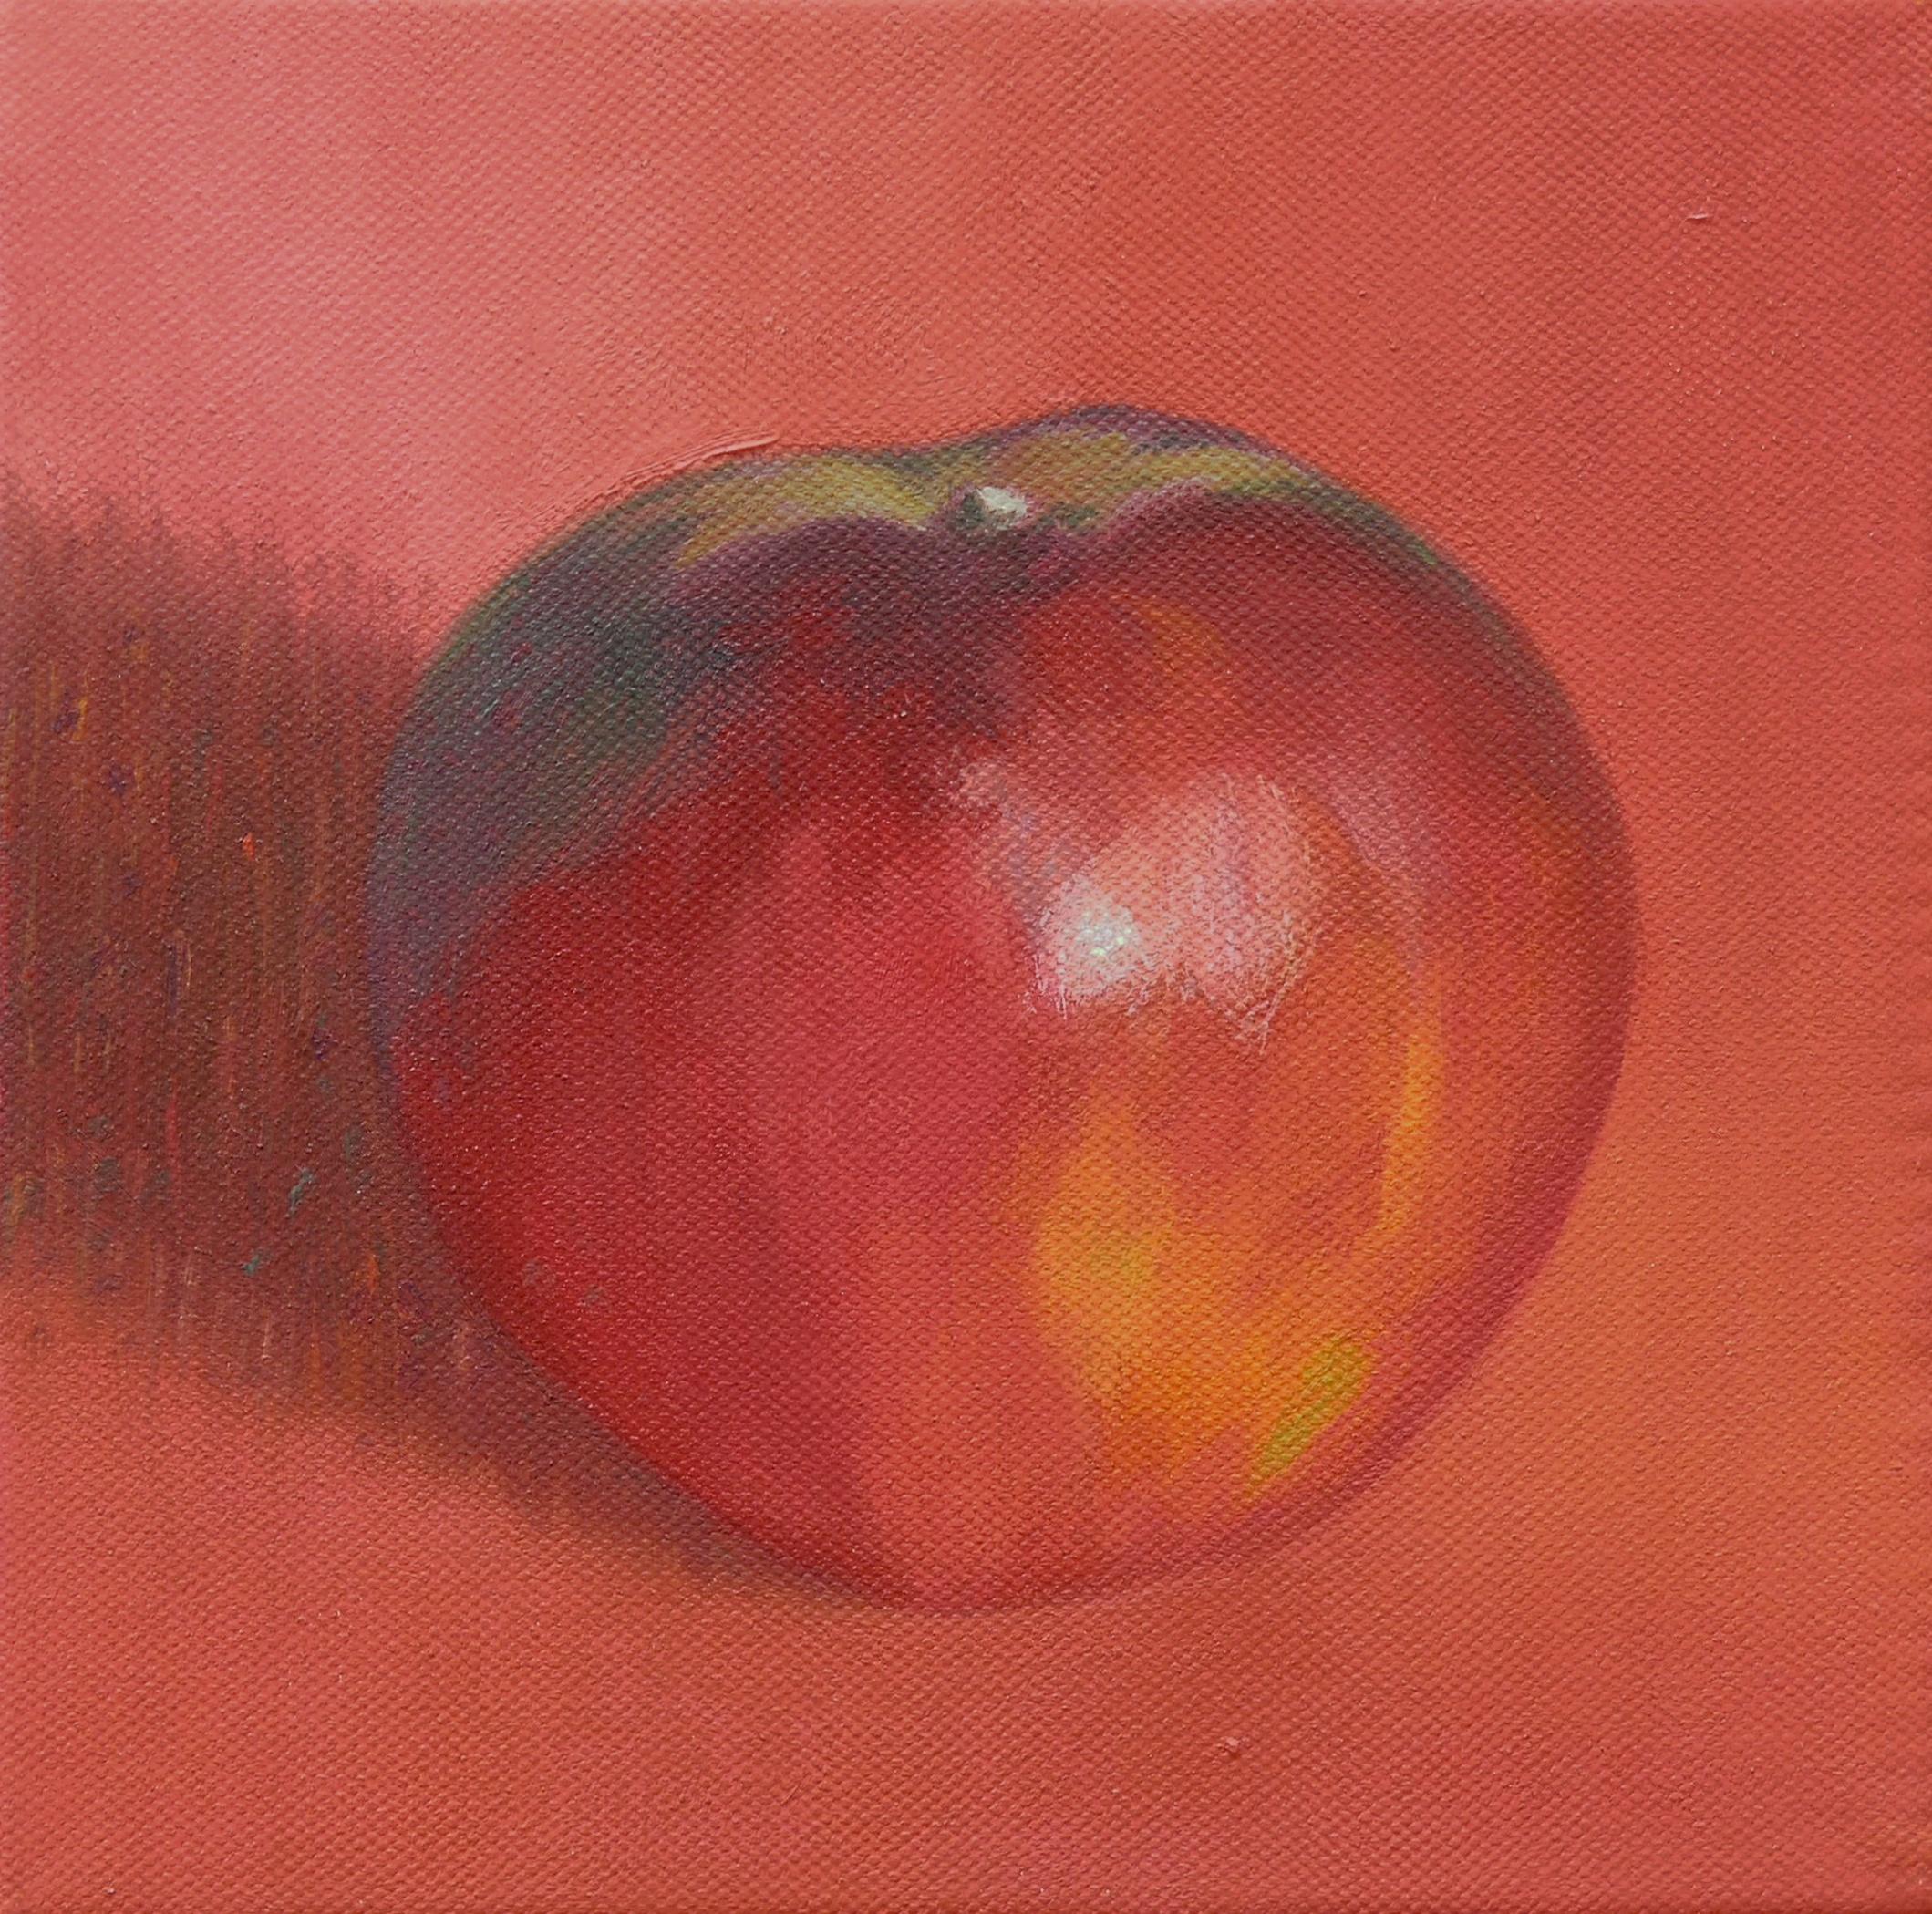 Dark red apple 1